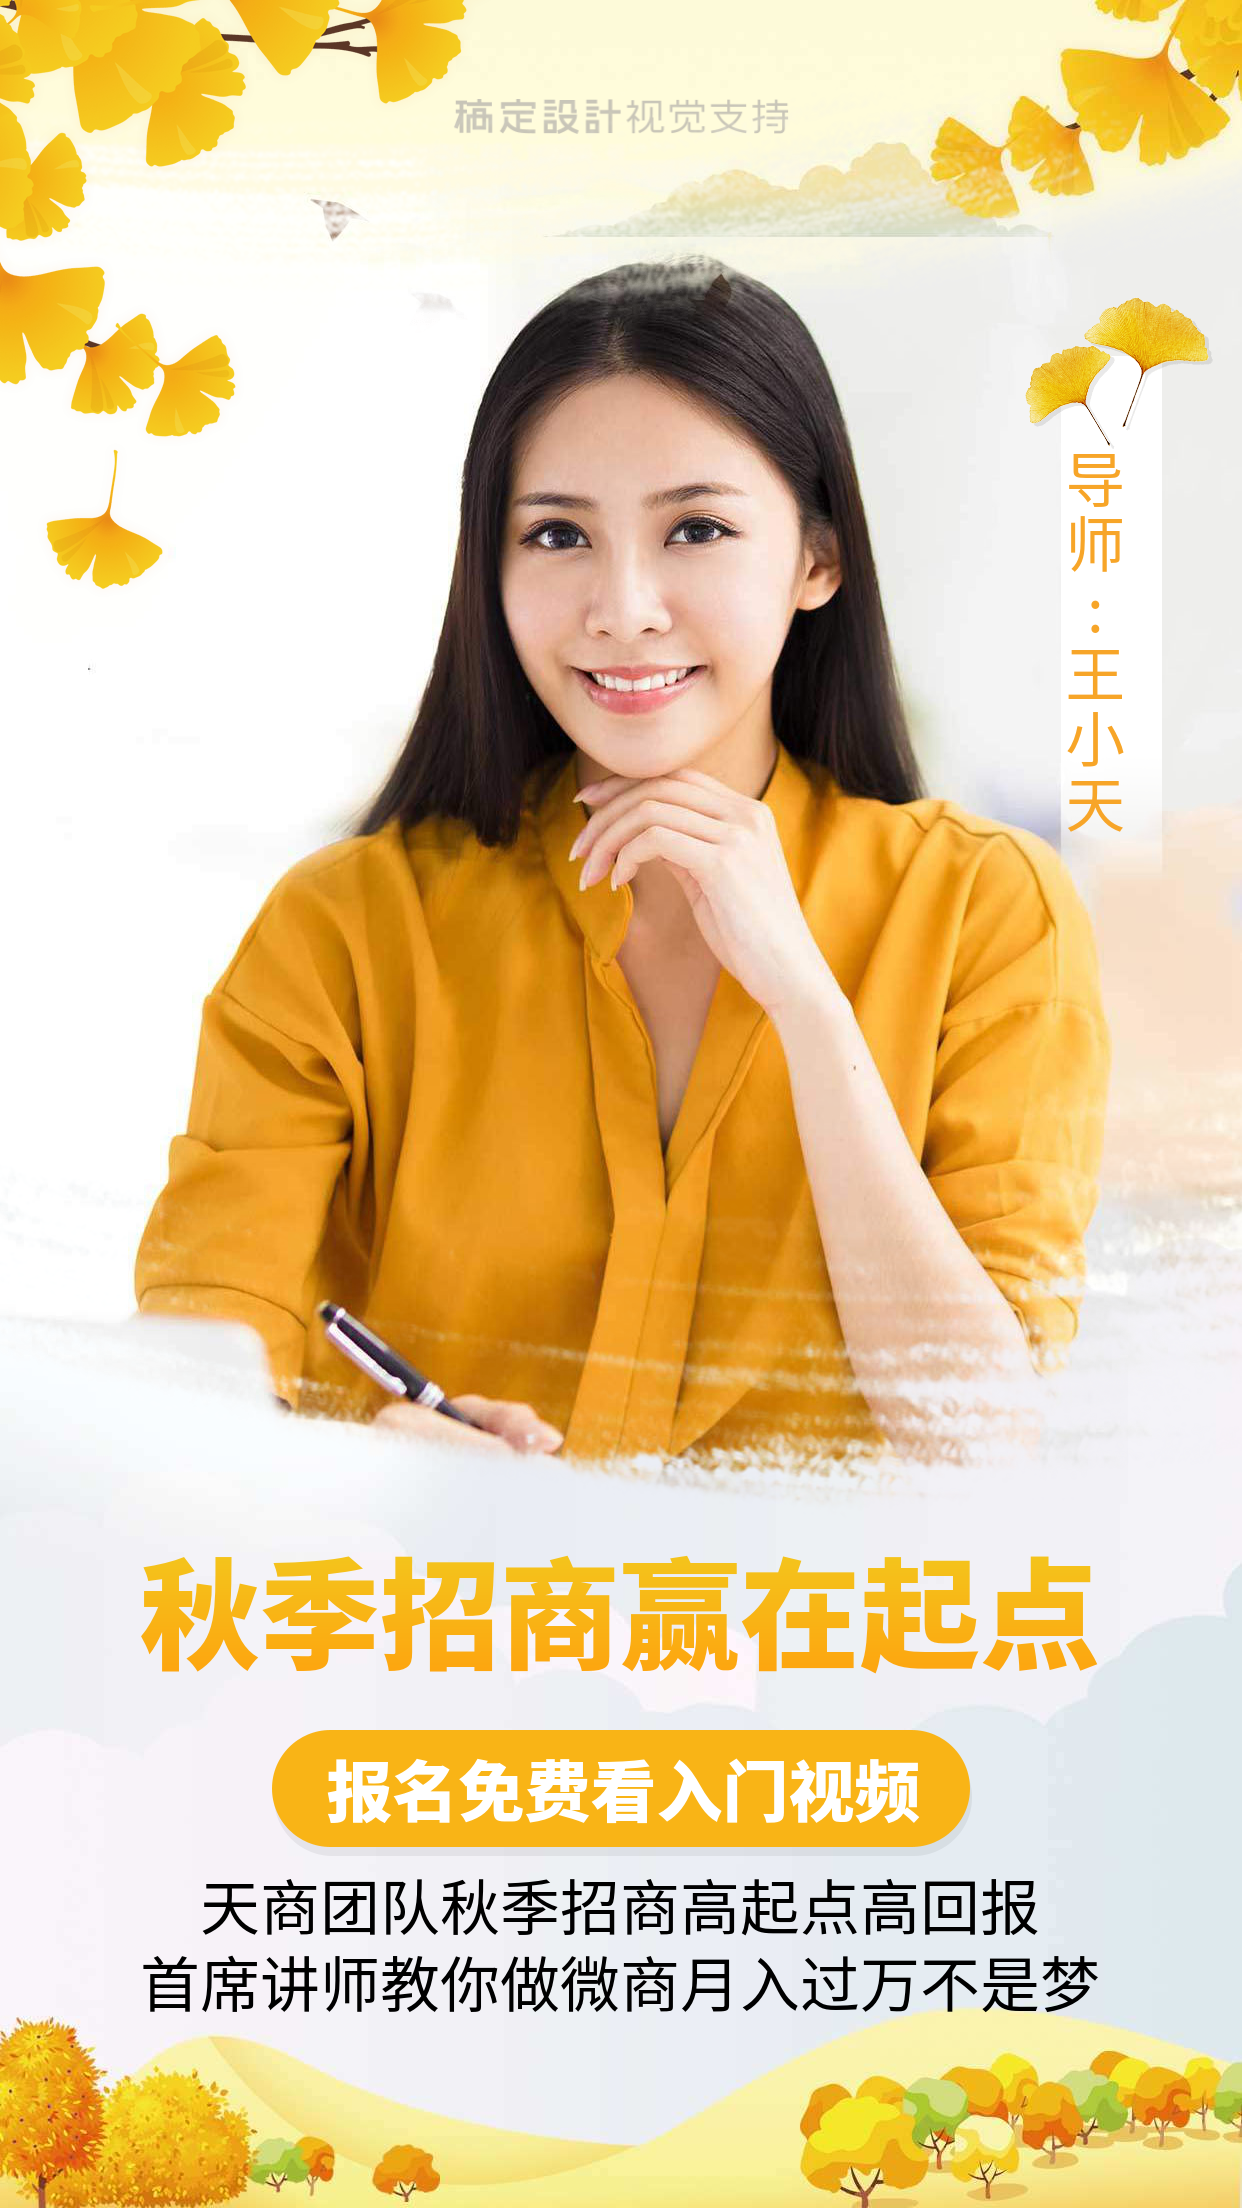 微商秋季招商讲师介绍